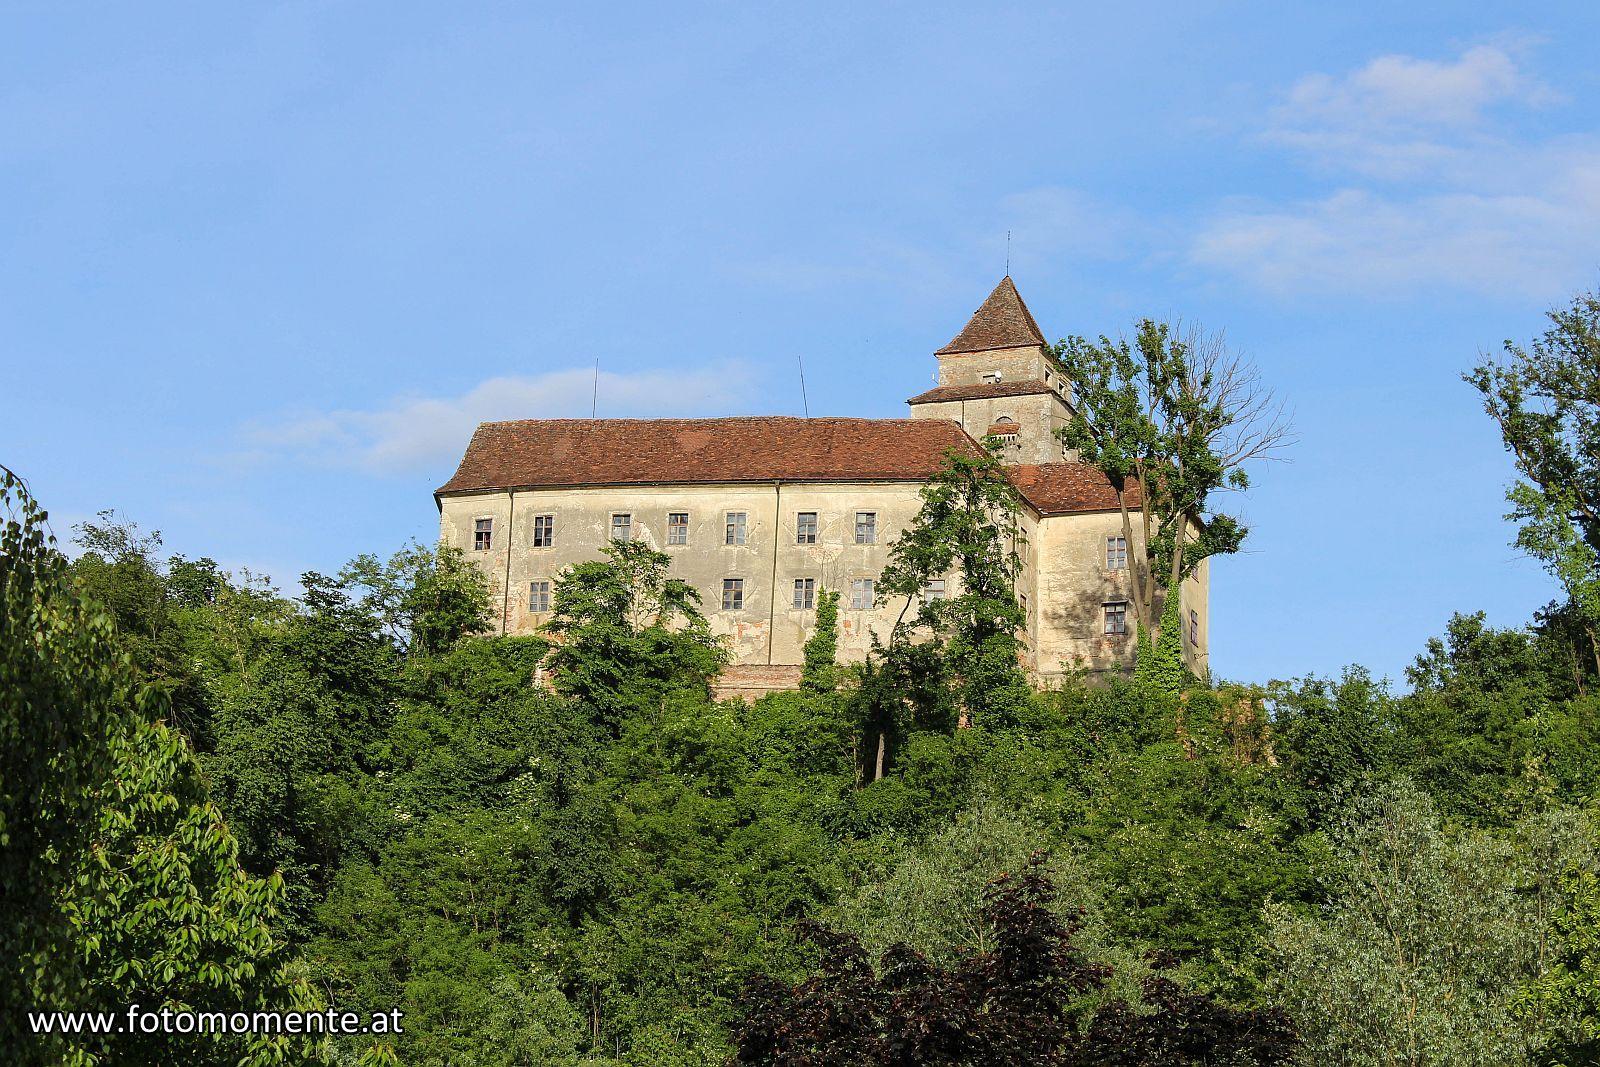 Burg Schloss Ehrenhausen - Schloss Ehrenhausen